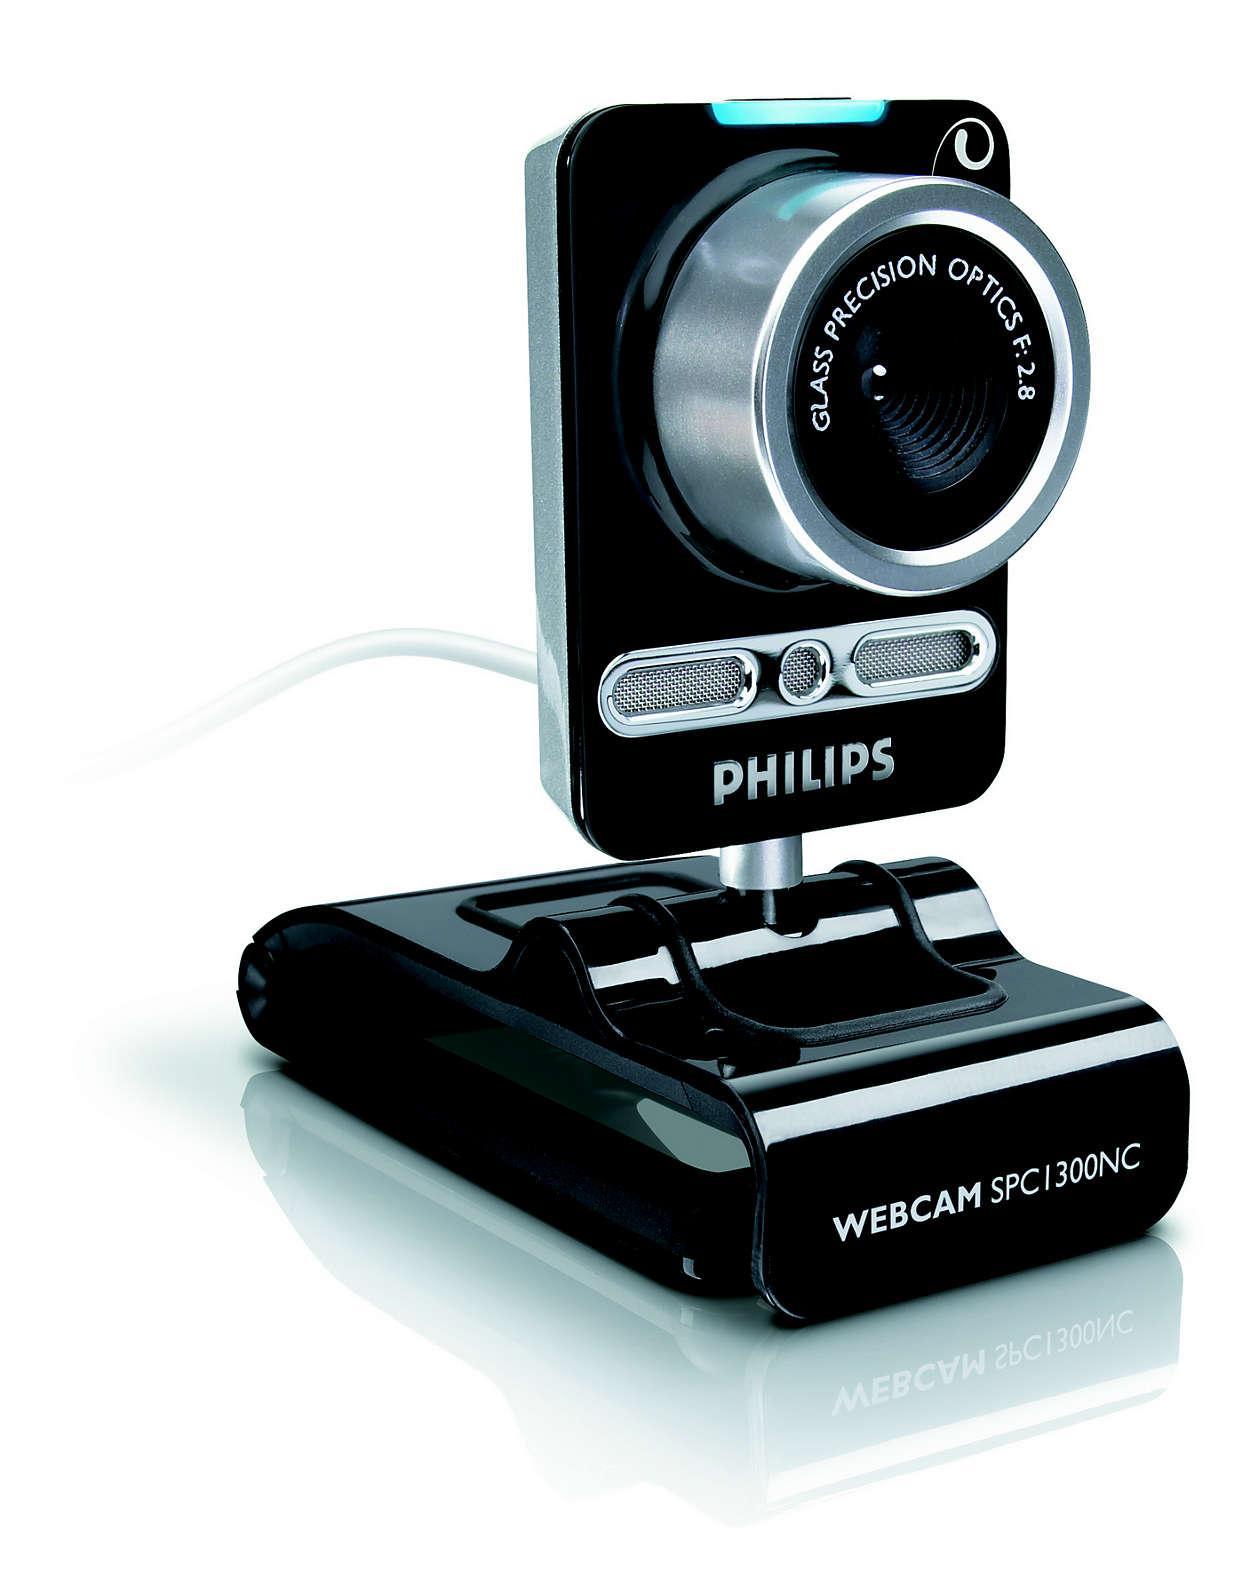 HD-Video und kristallklare Klangqualität